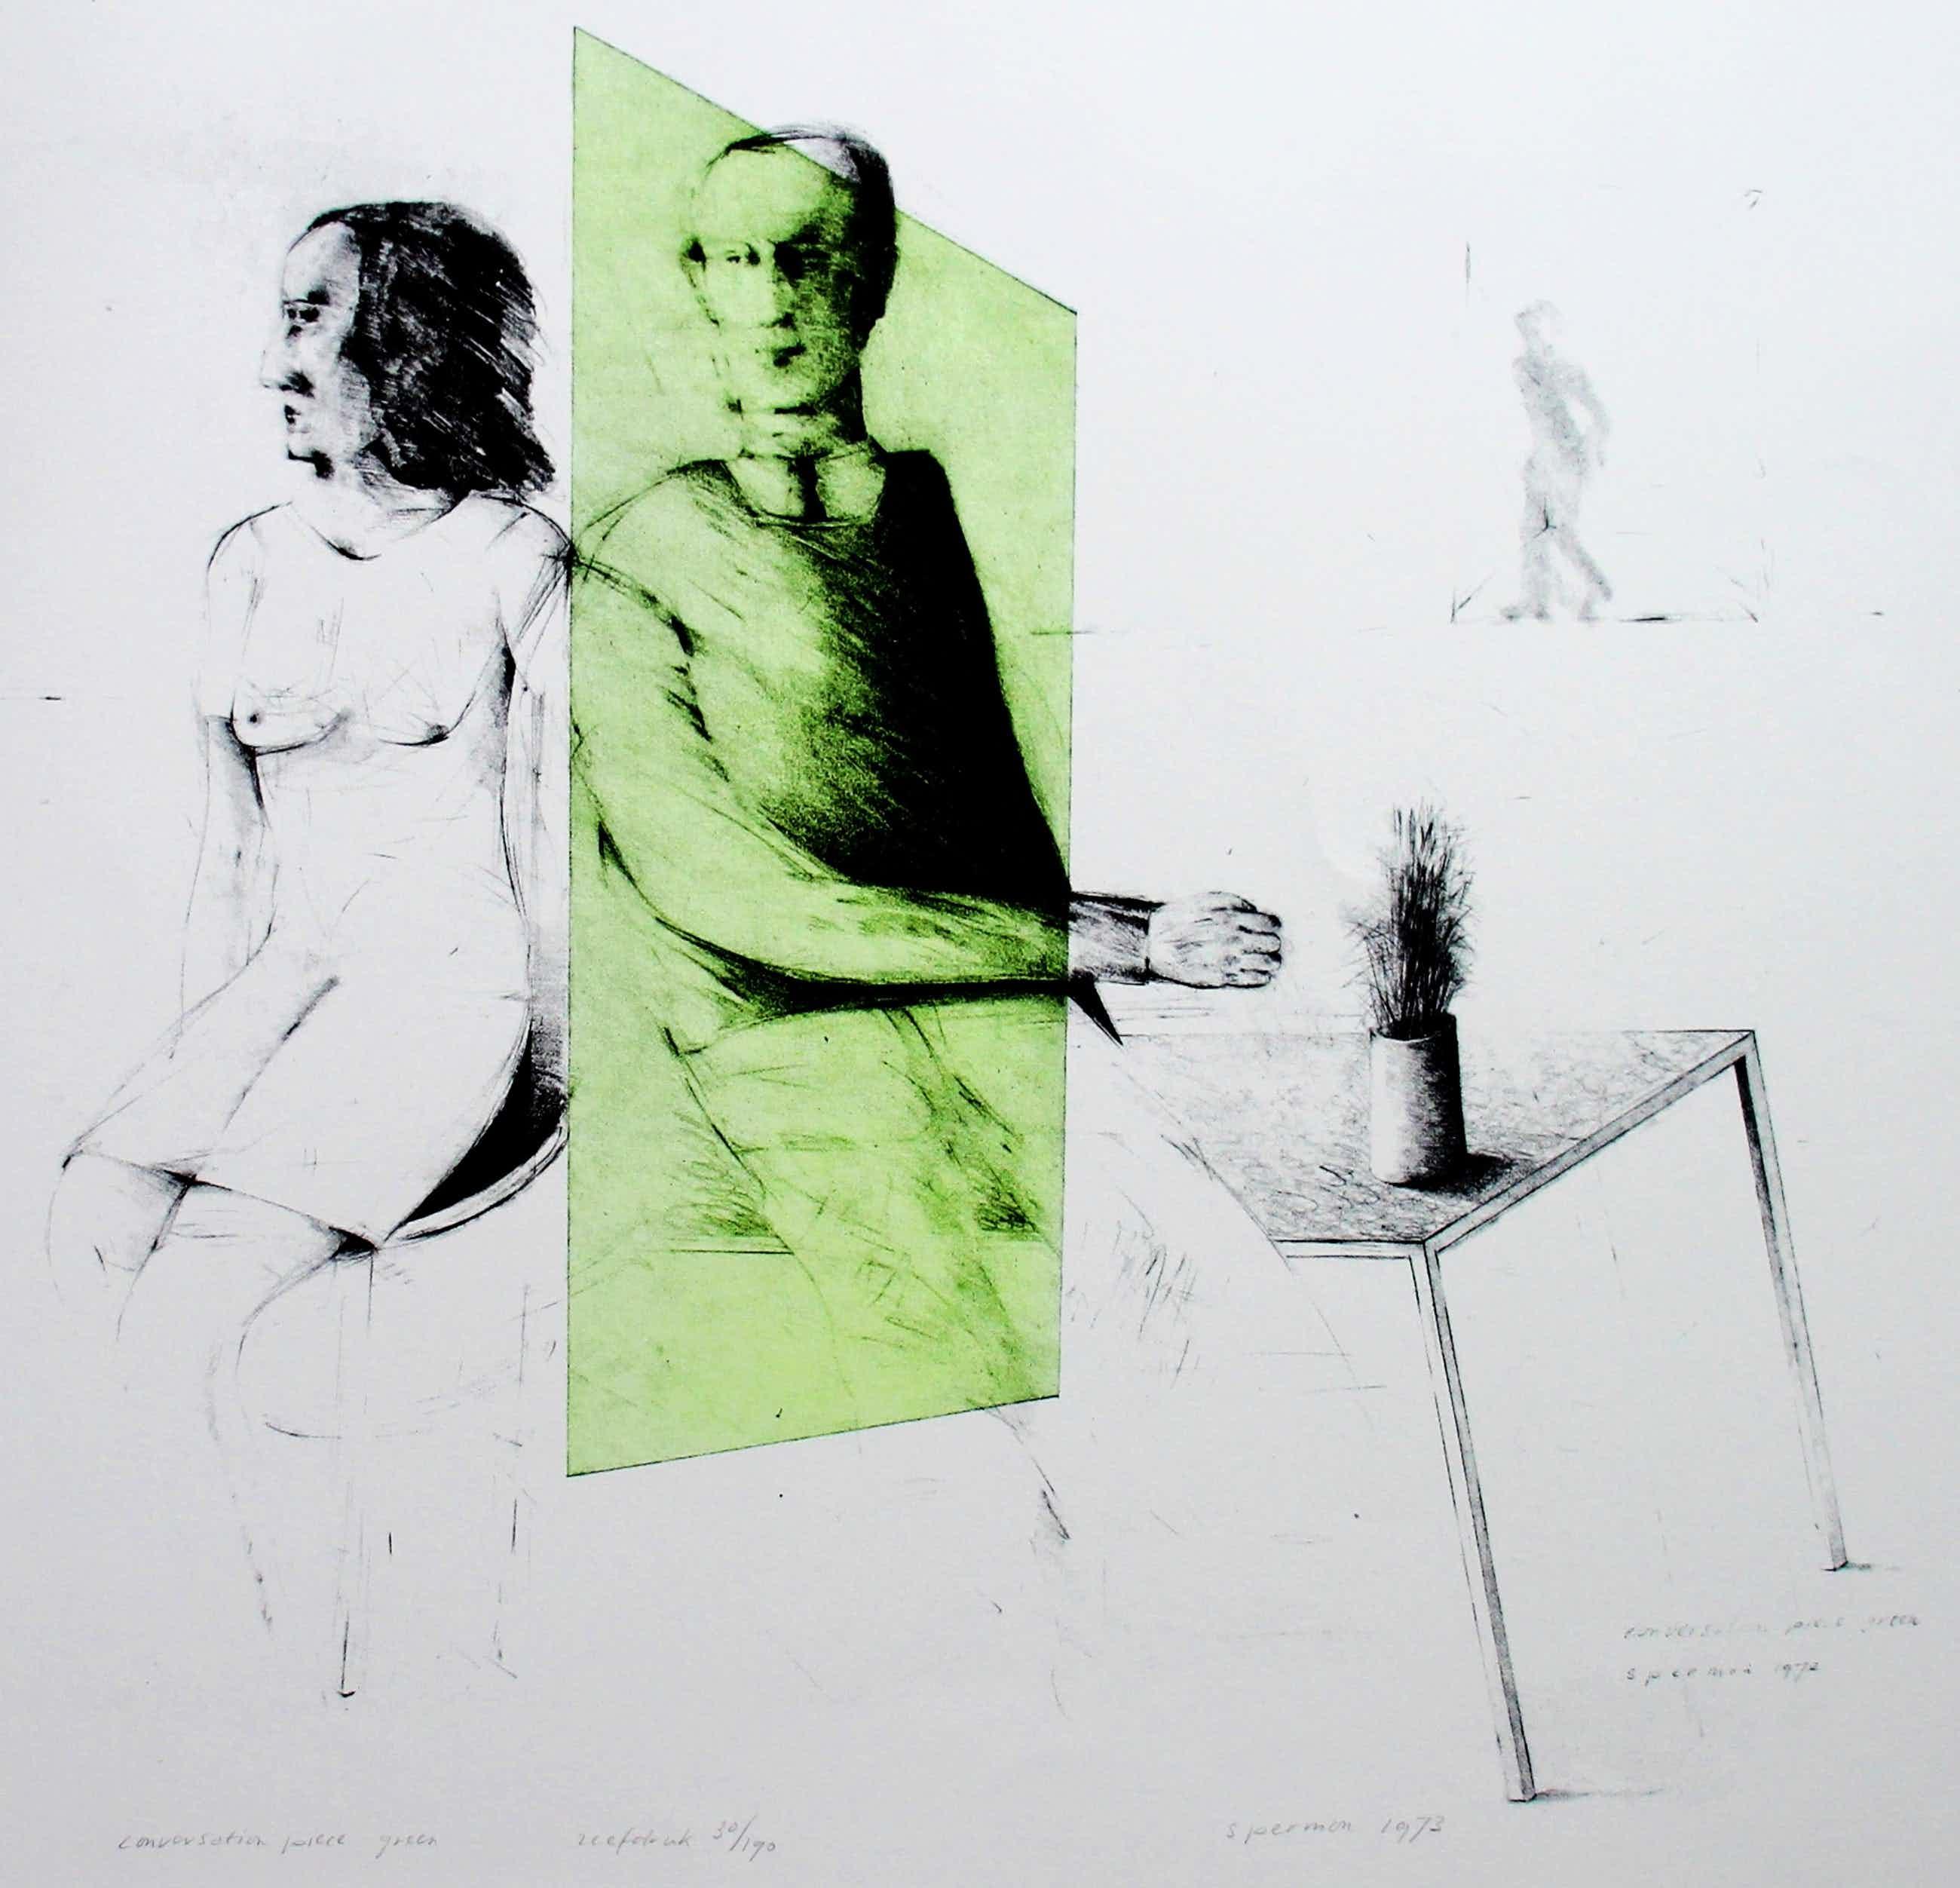 Kees Spermon - zeefdruk: conversation piece green - 1973 kopen? Bied vanaf 45!